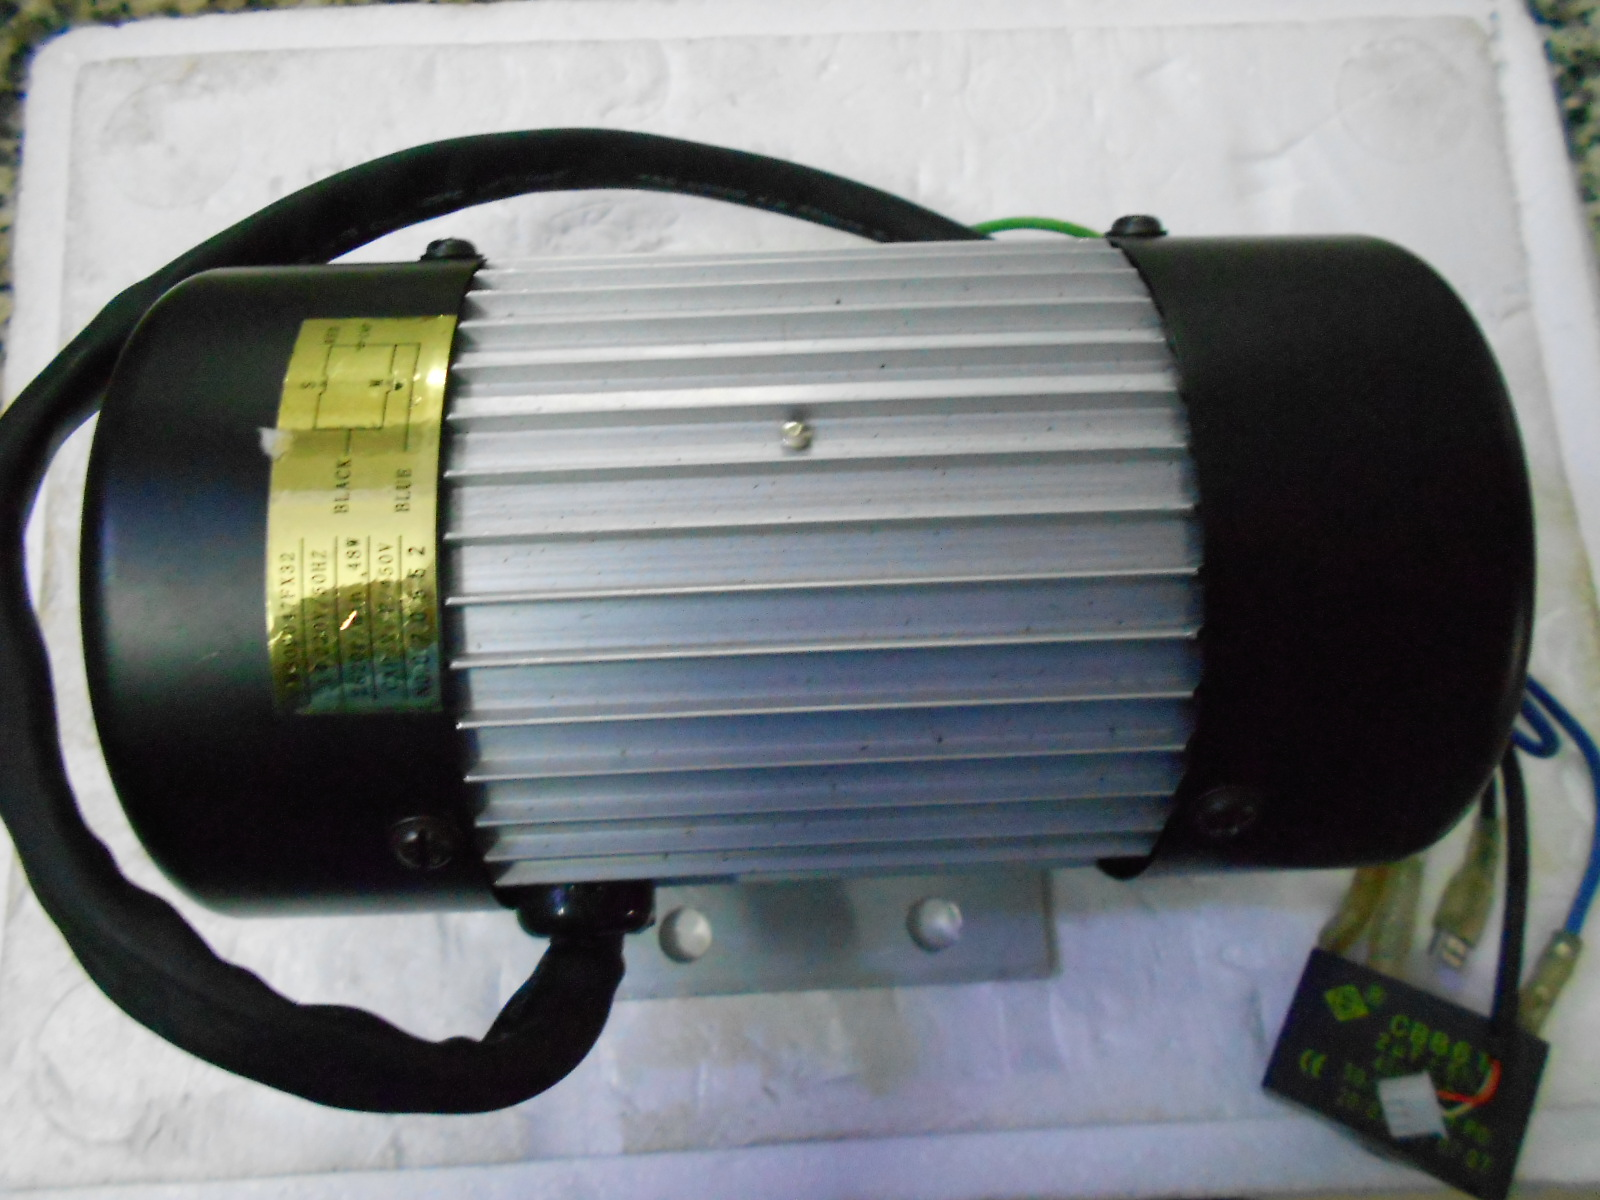 220 V 50Hz 48 W masseur moteur diamètre 10 cm, longueur 18.5 cm avec 450 v, condensateur 2 uf